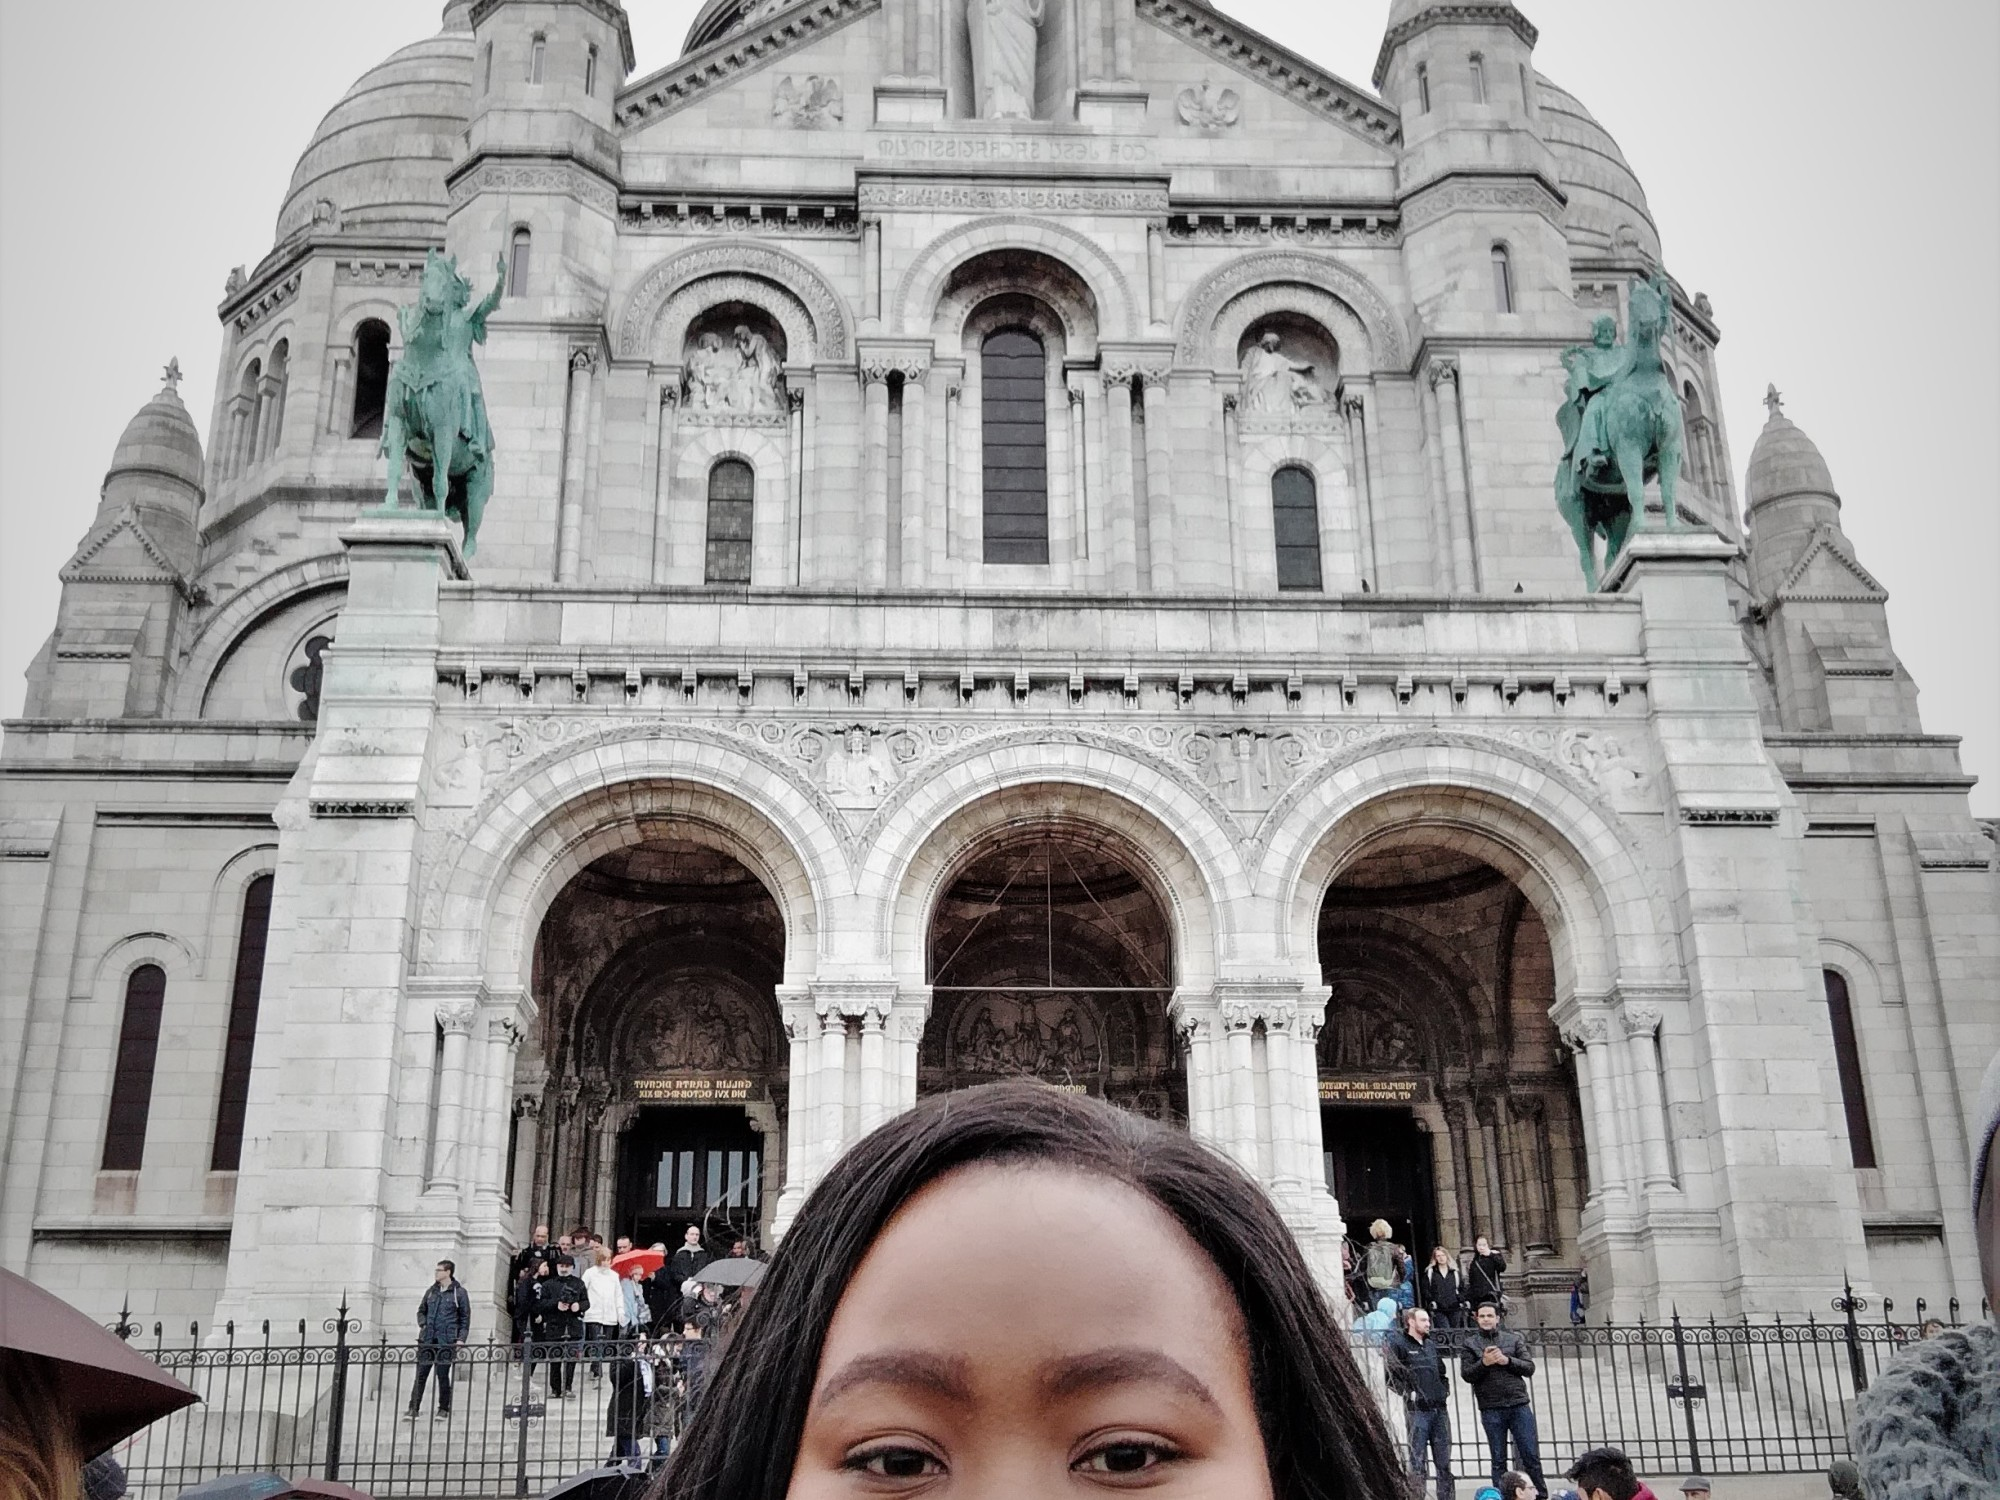 Sacré-Coeur Basilica